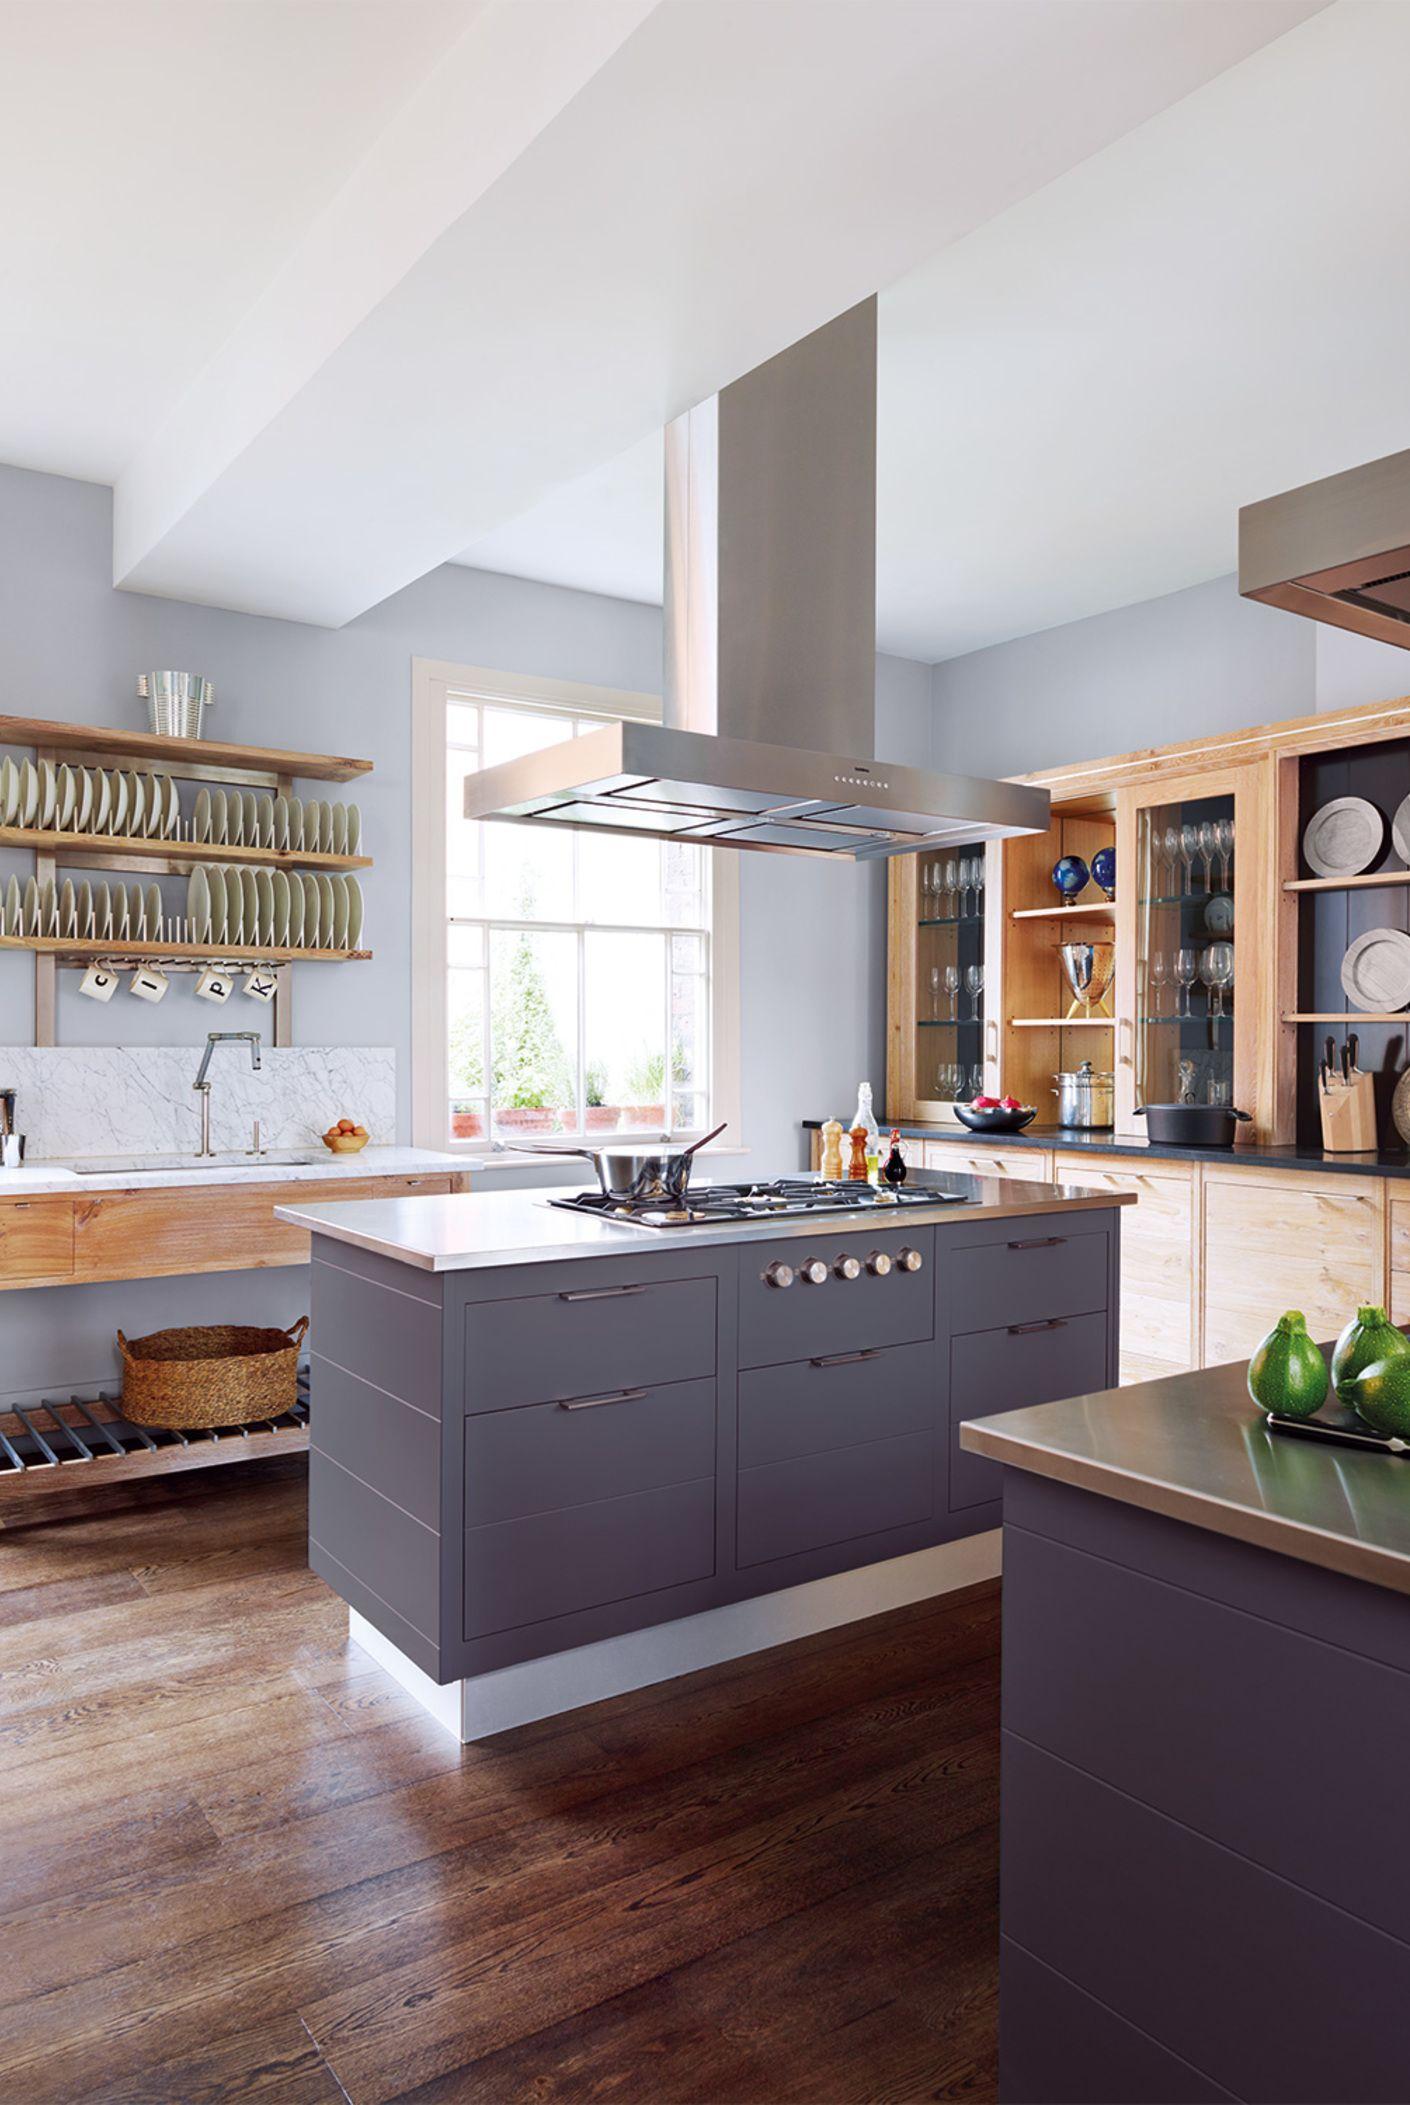 Nett Smallbone Küchen New York Bilder - Ideen Für Die Küche ...